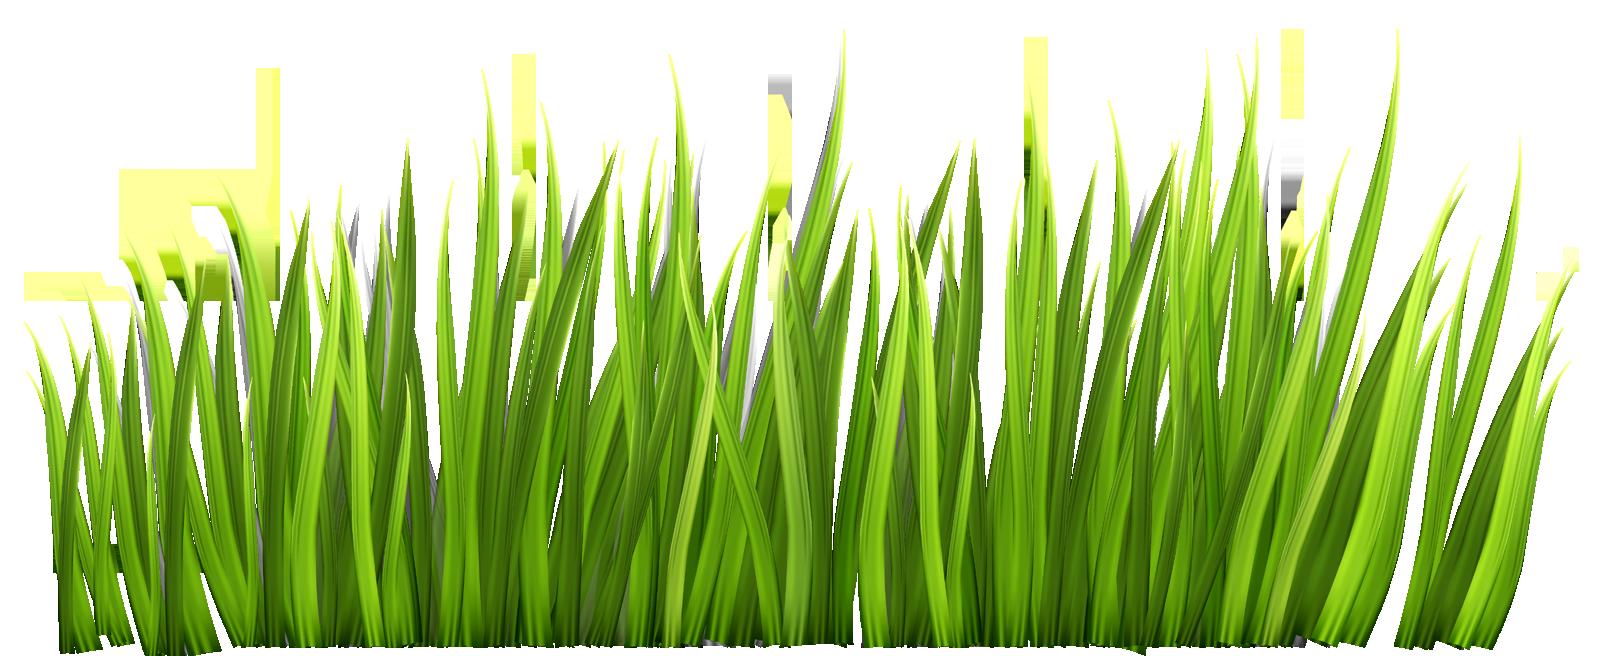 Clip art alternative design. Clipart grass grassy area